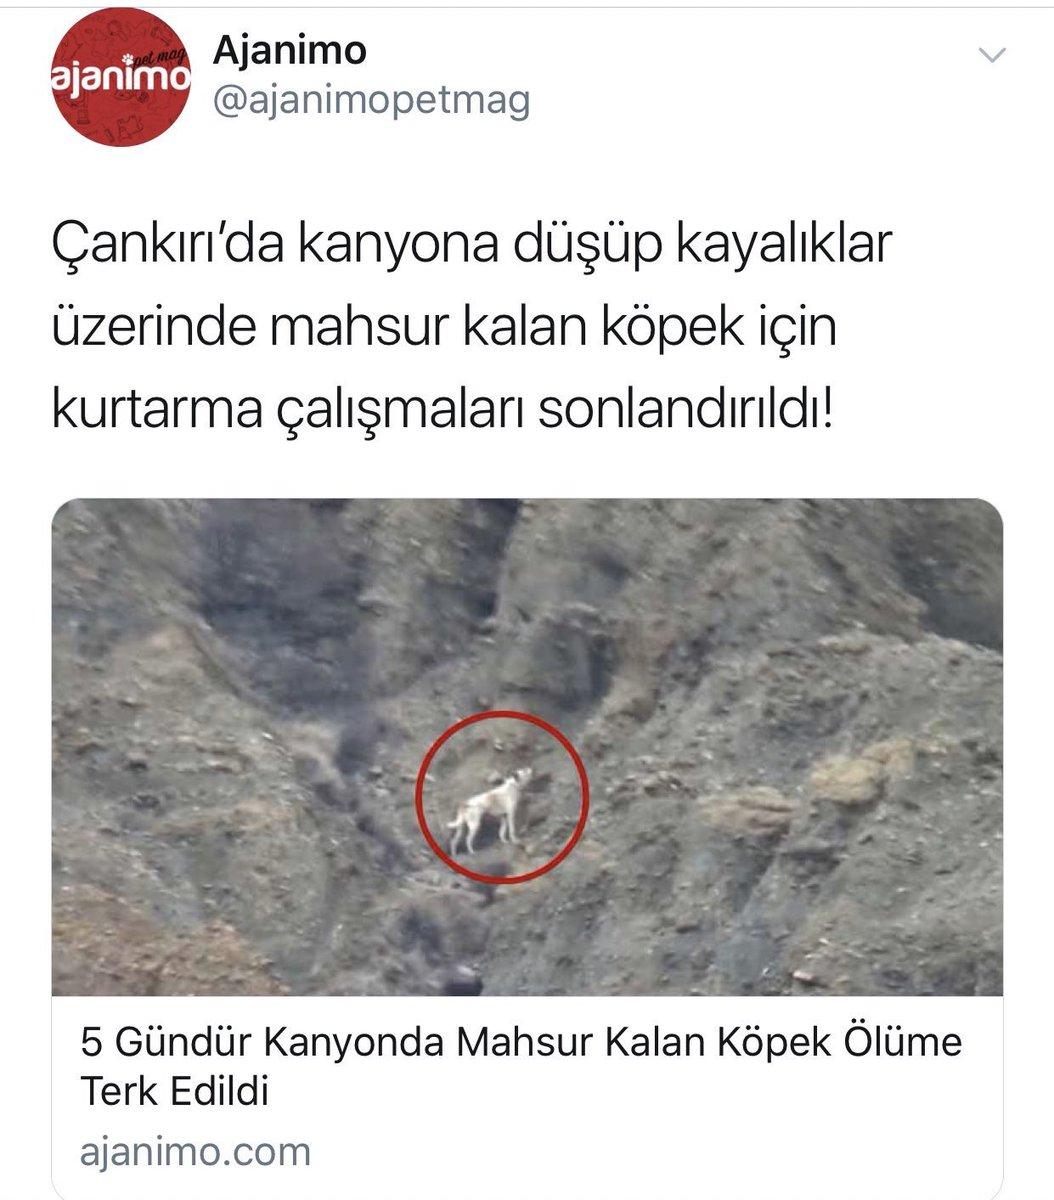 #kanyonköpekkurtarılsın! Çankırı Merkez'deki kanyonda, günlerdir aç-susuz, mahsur... Doğal afetlerde köpekleri kullanmayı biliyoruz; konu, köpeğe yardıma gelince ölüme mi terk edeceğiz? Lütfen köpeği kurtarın. @AFADBaskanlik @tcbestepe @RT_Erdogan @bekirpakdemirli